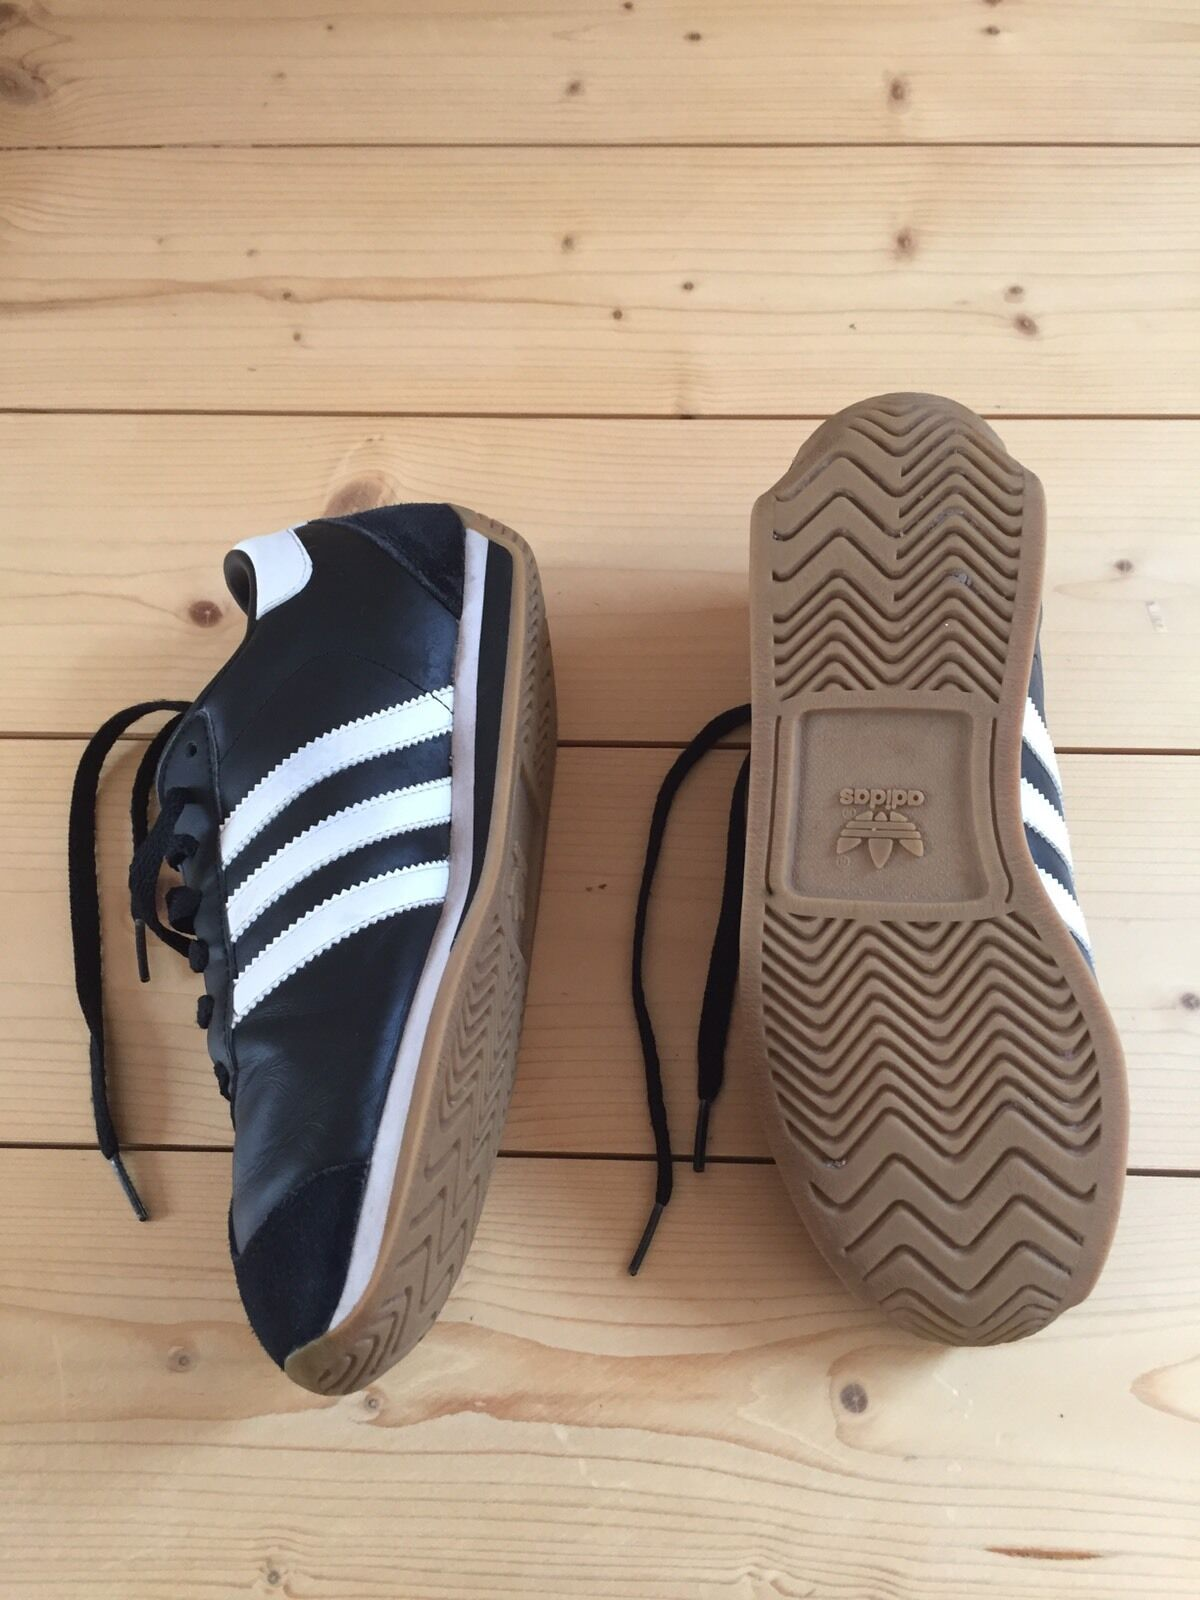 Schuhe II Adidas Country II Schuhe schwarz weiß Gr. 37 1/3 G02379 9f41d1